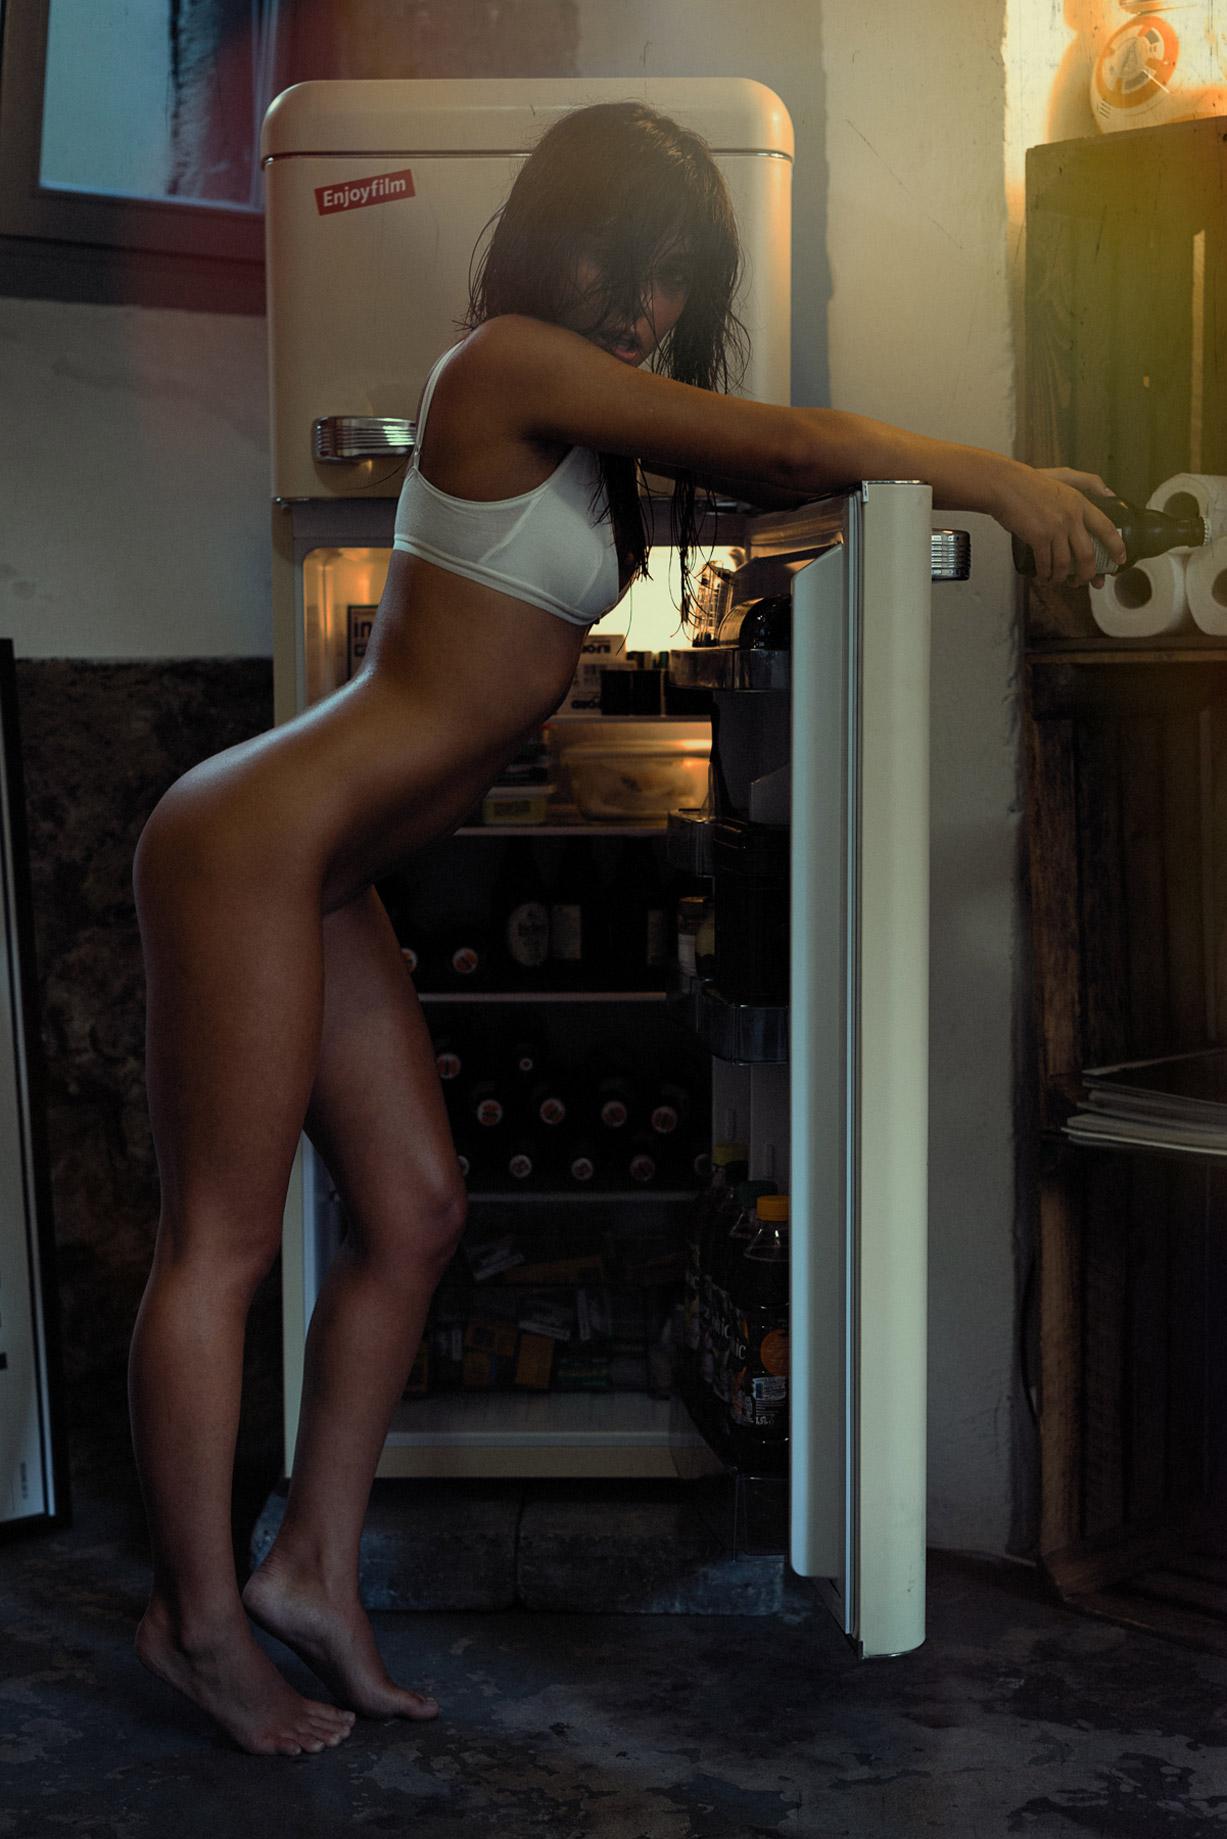 Anastasiia Poranko nude by Hannes Windrath